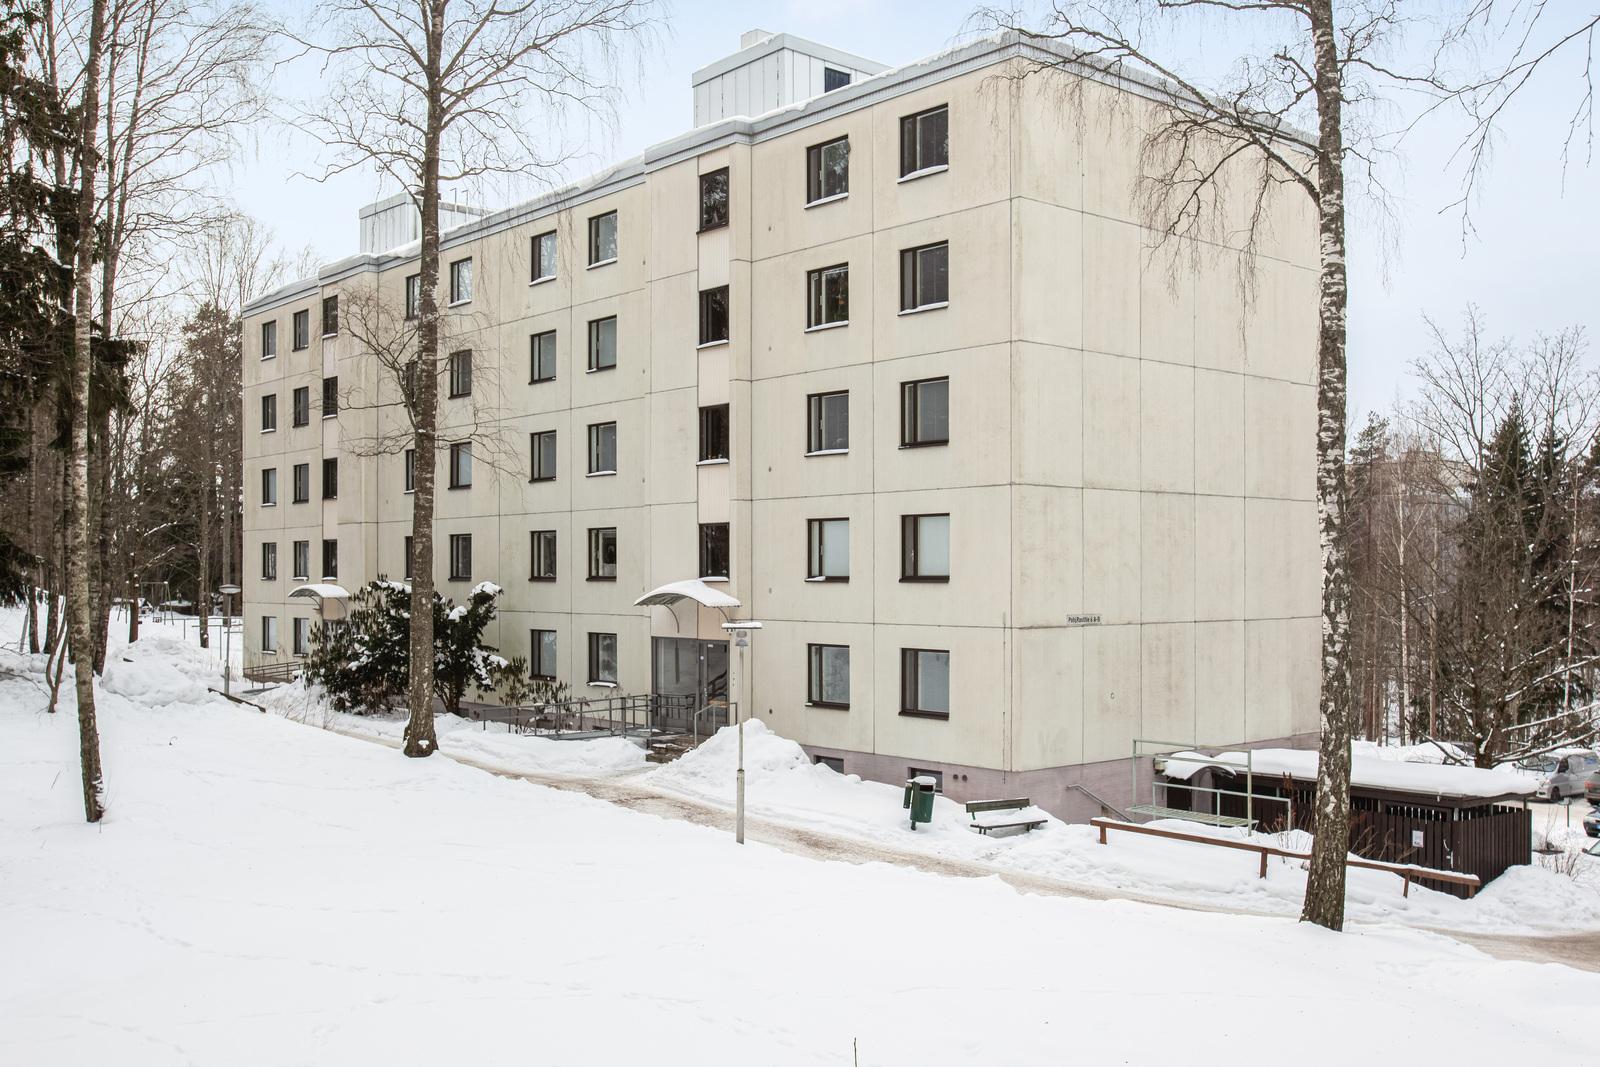 Koivukylä, Vantaa